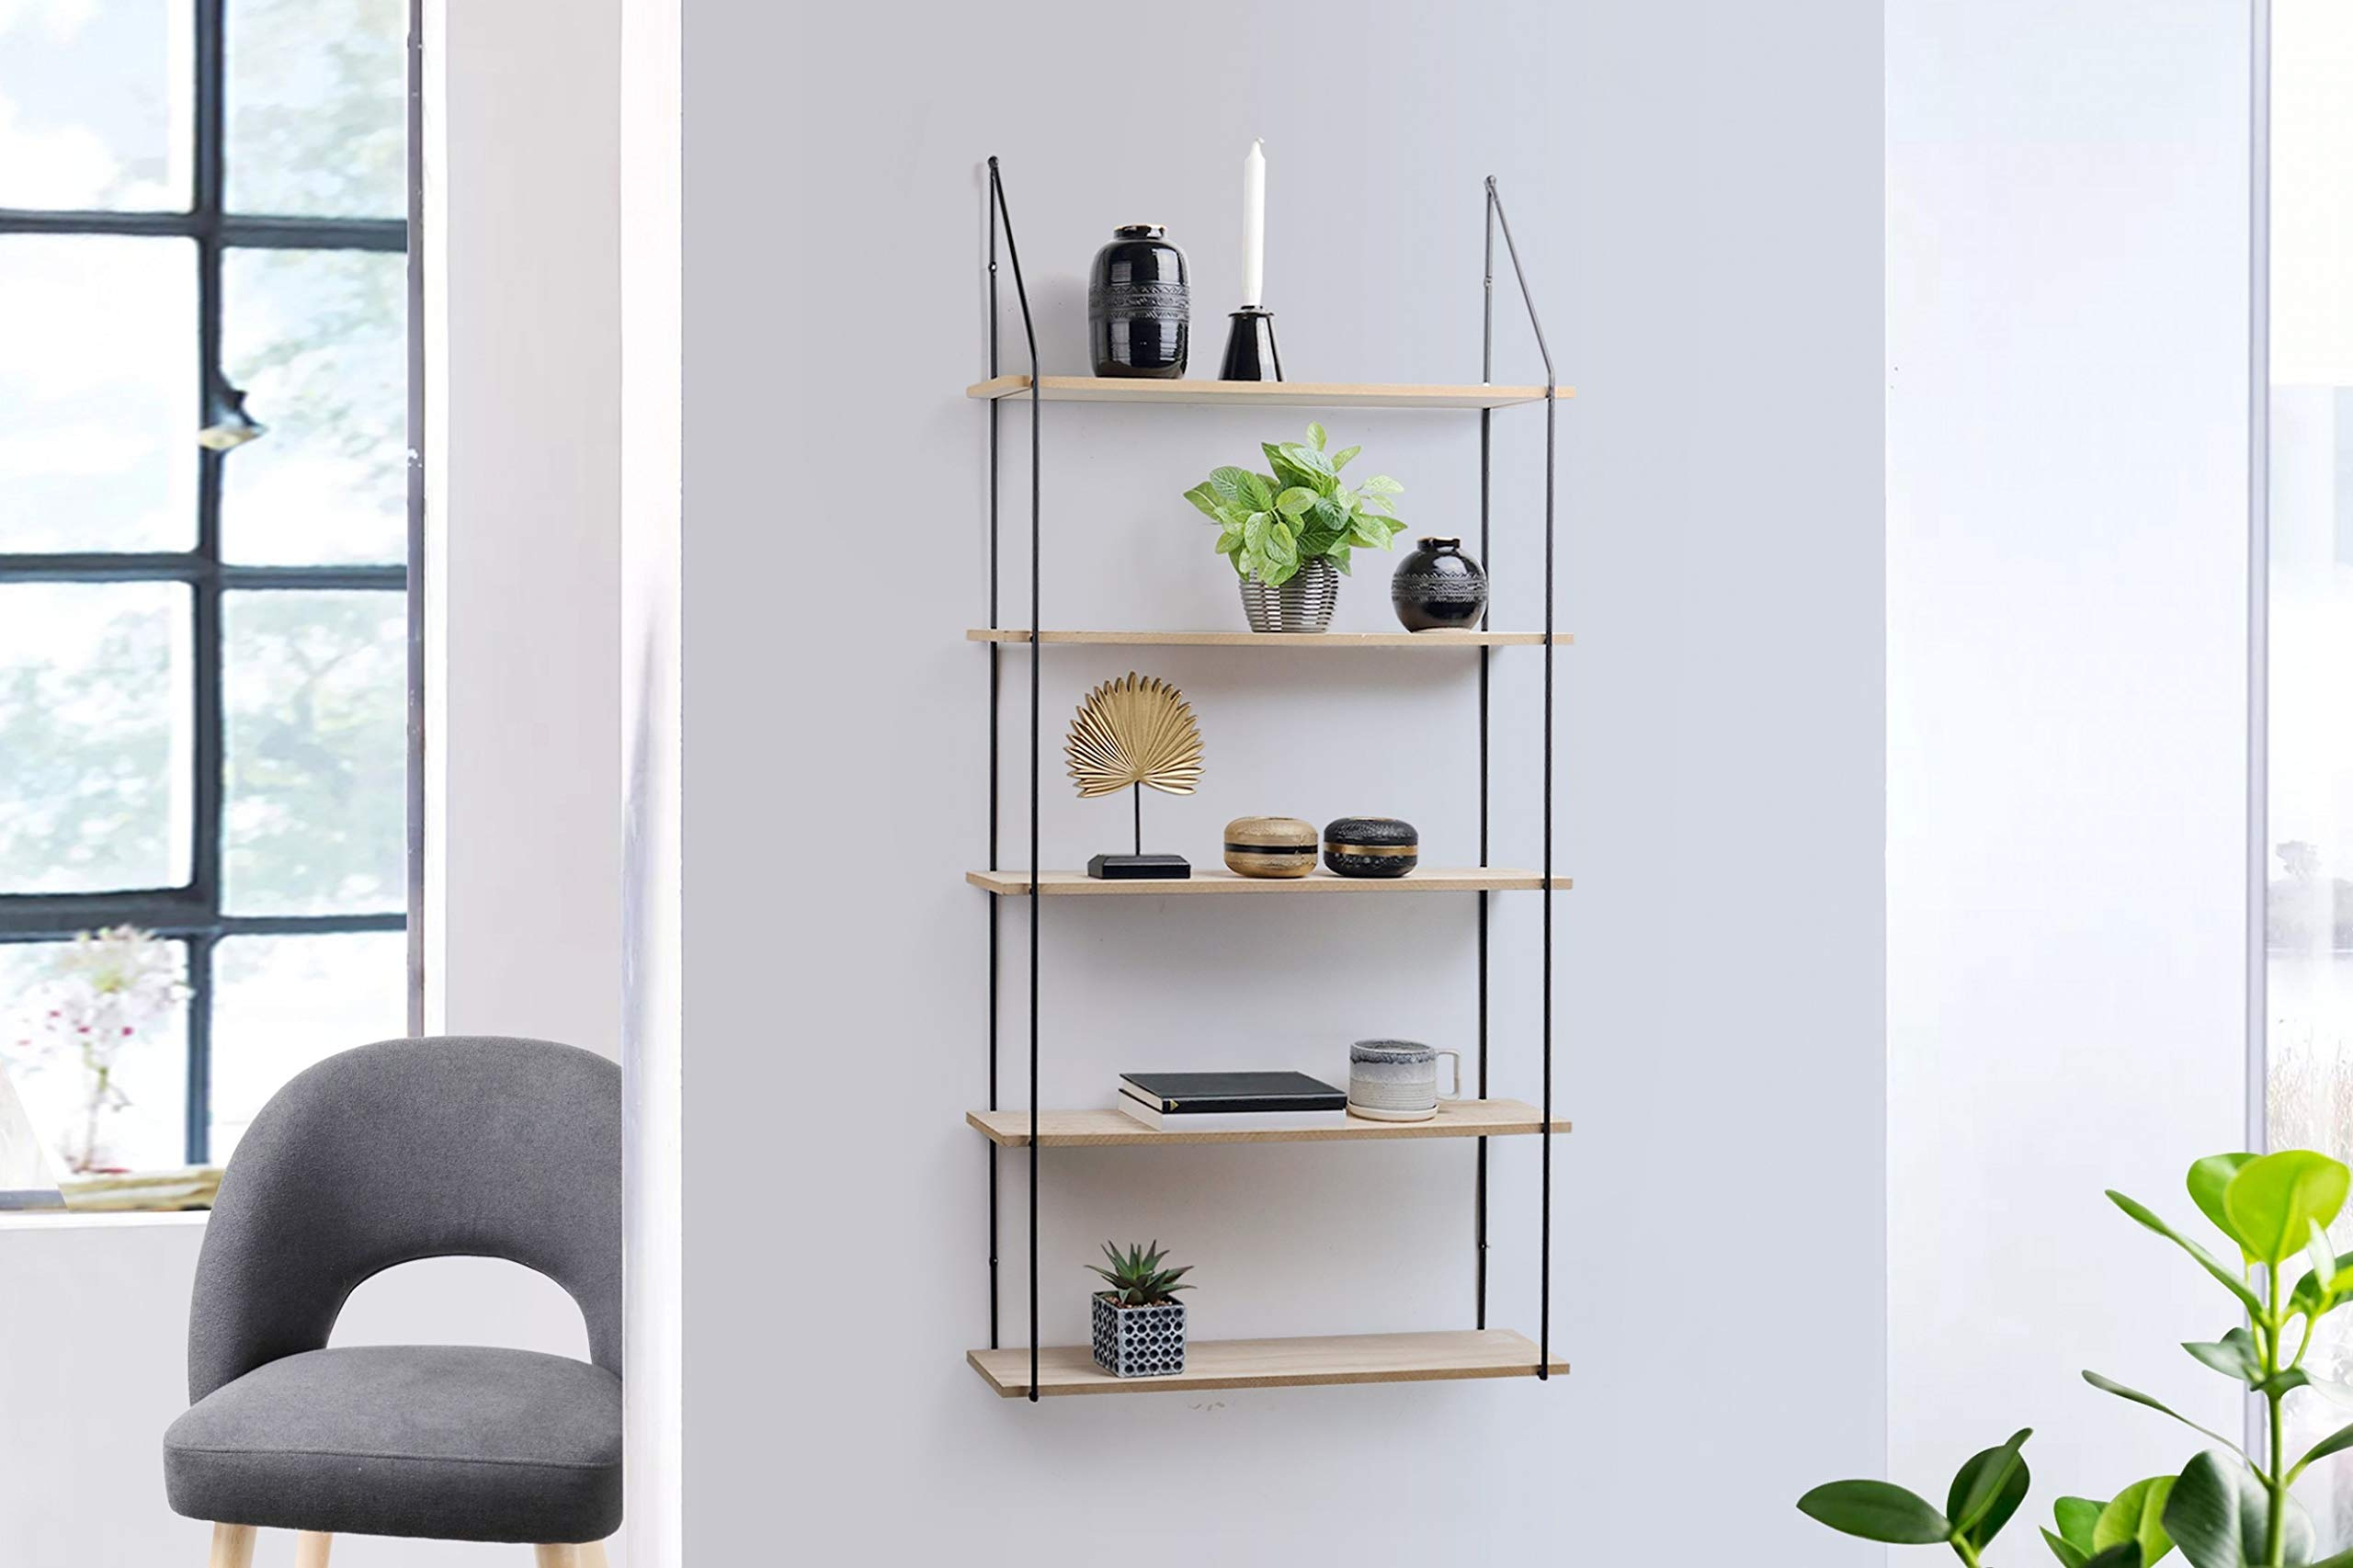 lifa living 5 tier wall shelf unit floating shelves for kitchen bedroom living room wooden black metal decorative vintage hanging shelves different sizes